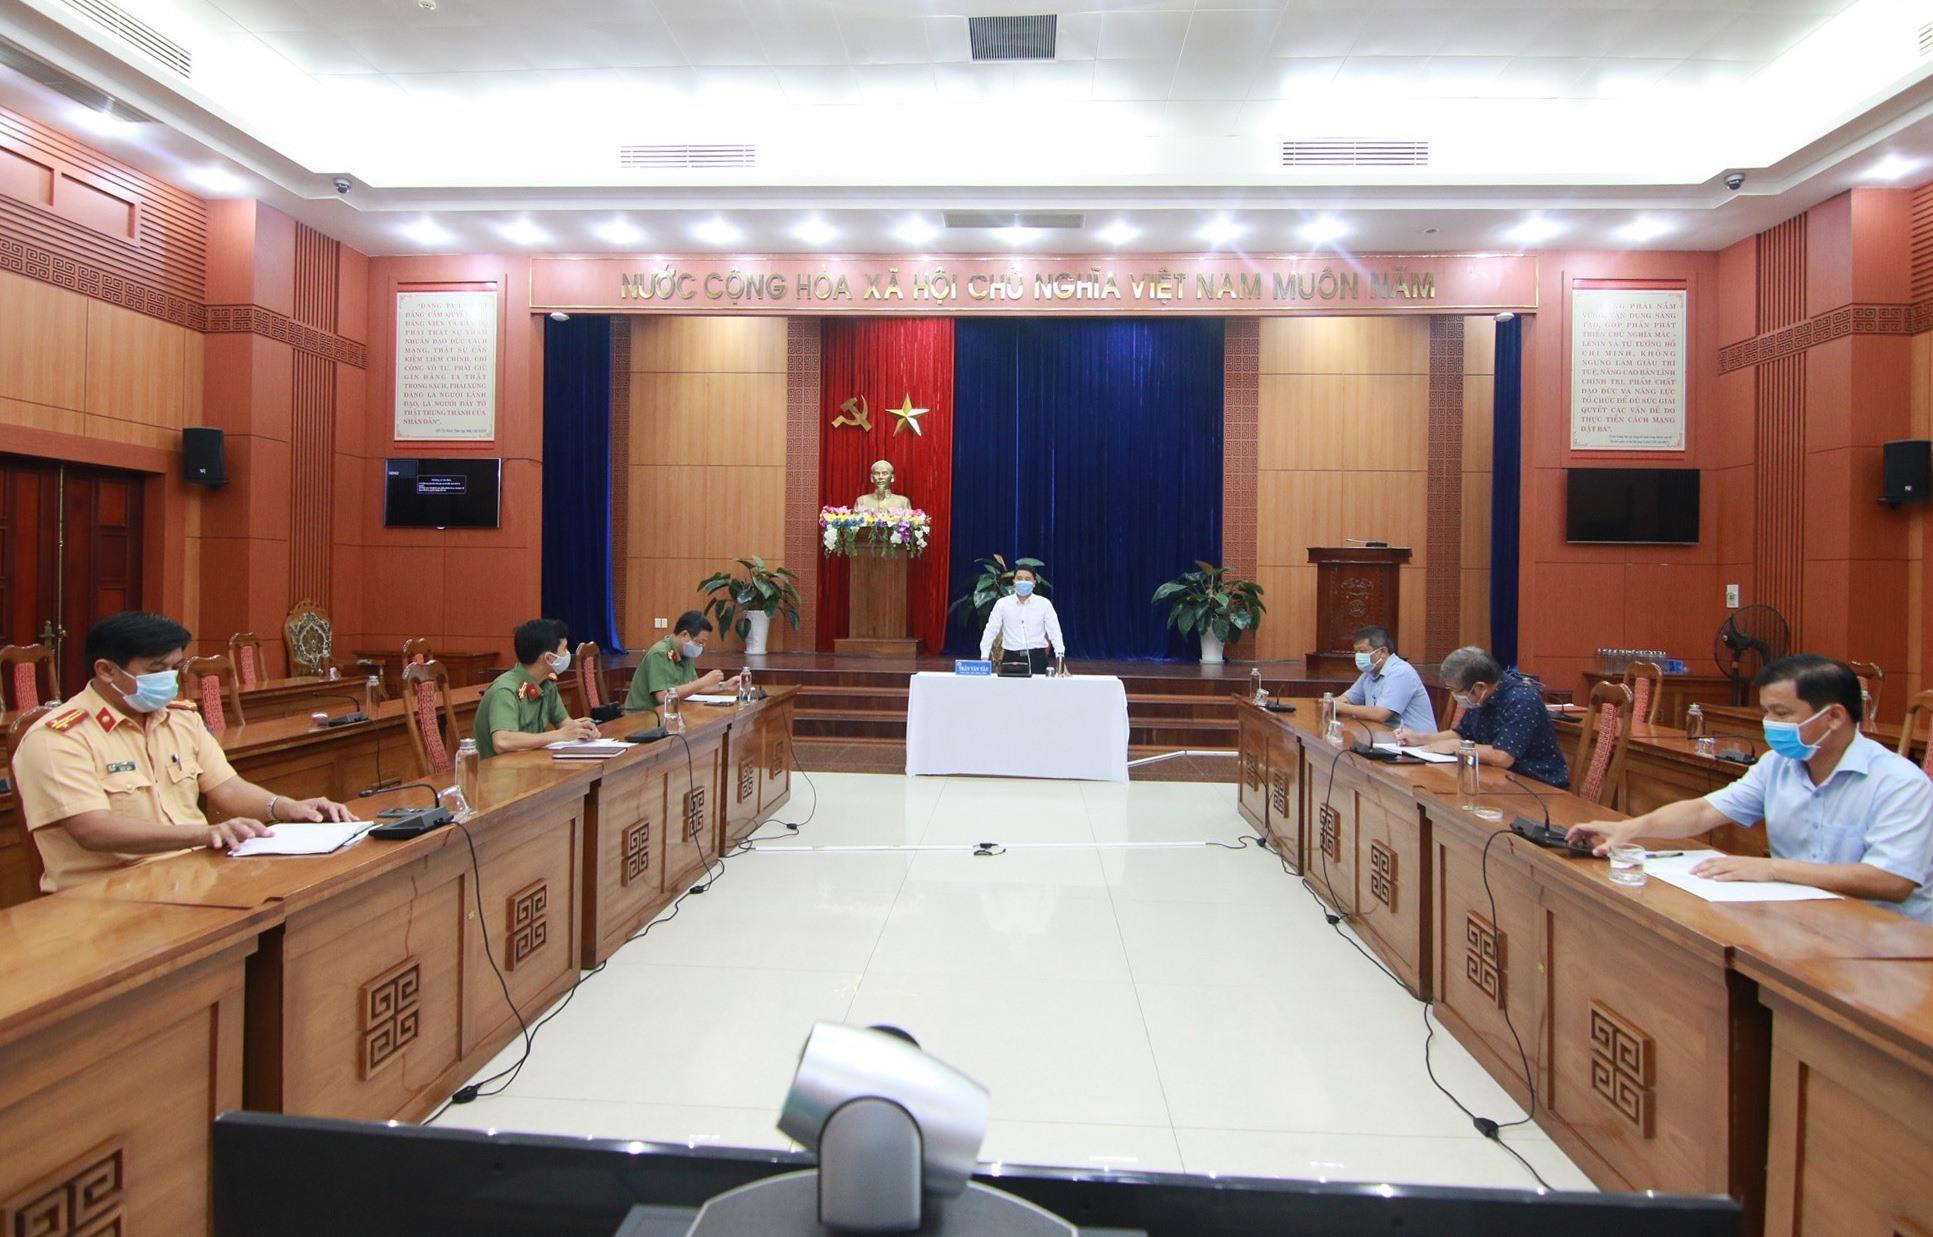 Phó Chủ tịch UBND tỉnh Trần Văn Tân yêu cầu tăng cường kiểm soát nghiêm ngặt đối với người về từ vùng dịch trong những ngày tới. Ảnh: T.C